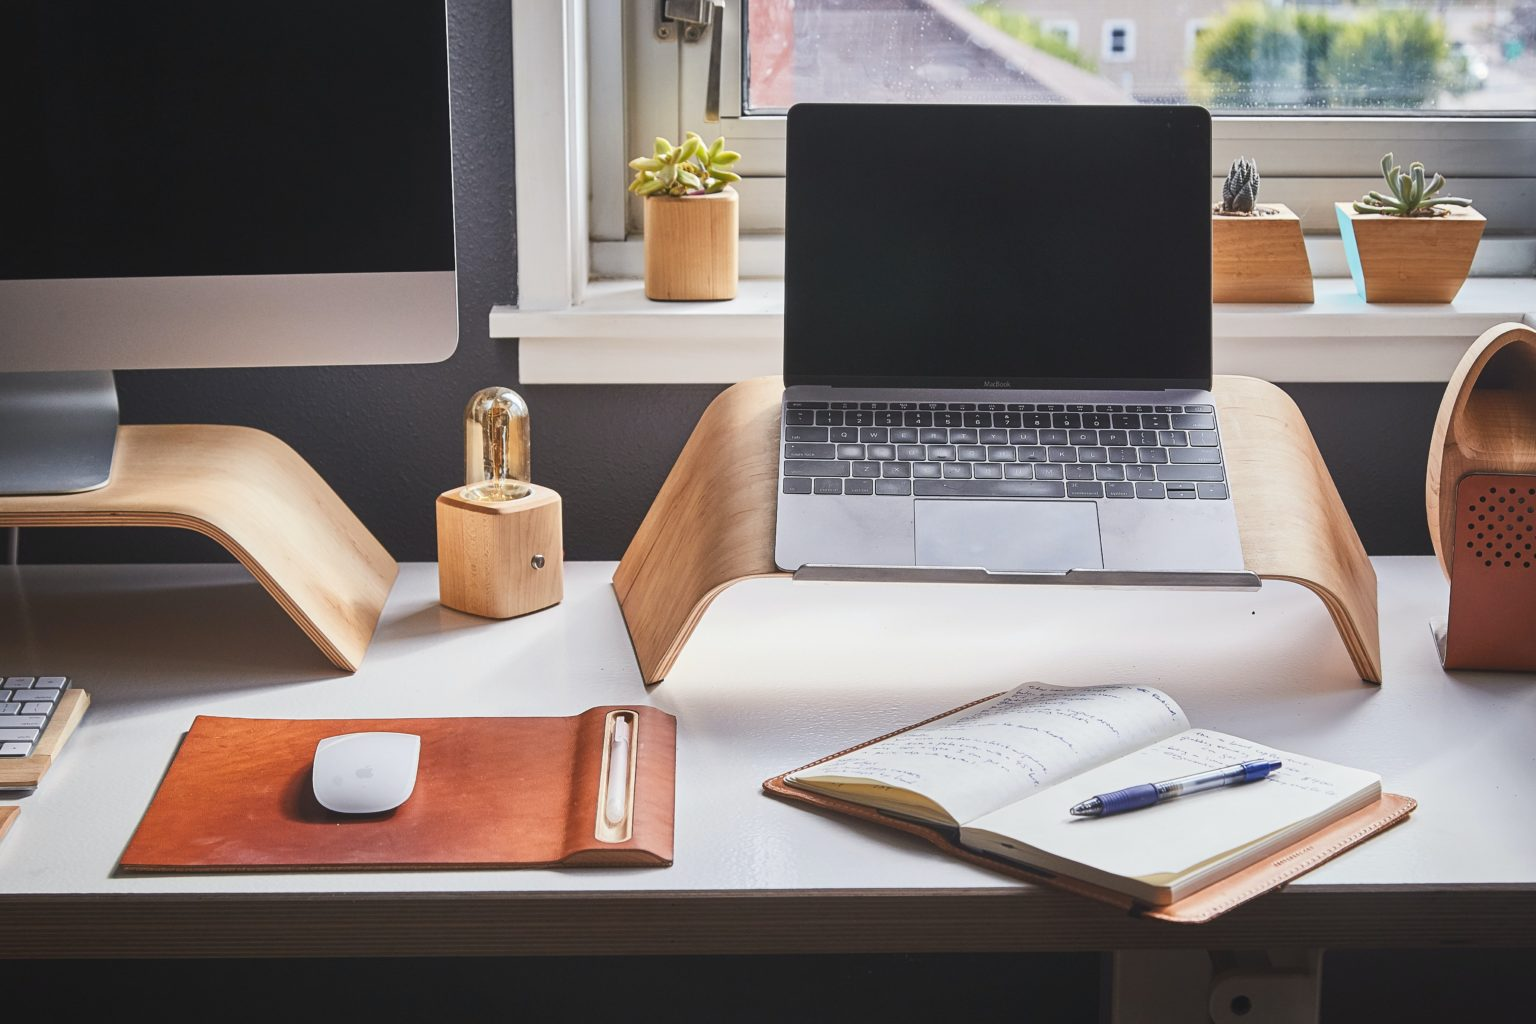 Vemos uma mesa de trabalho em casa com computador e uma caderneta de anotações (imagem ilustrativa). Texto: franquias baratas home office.